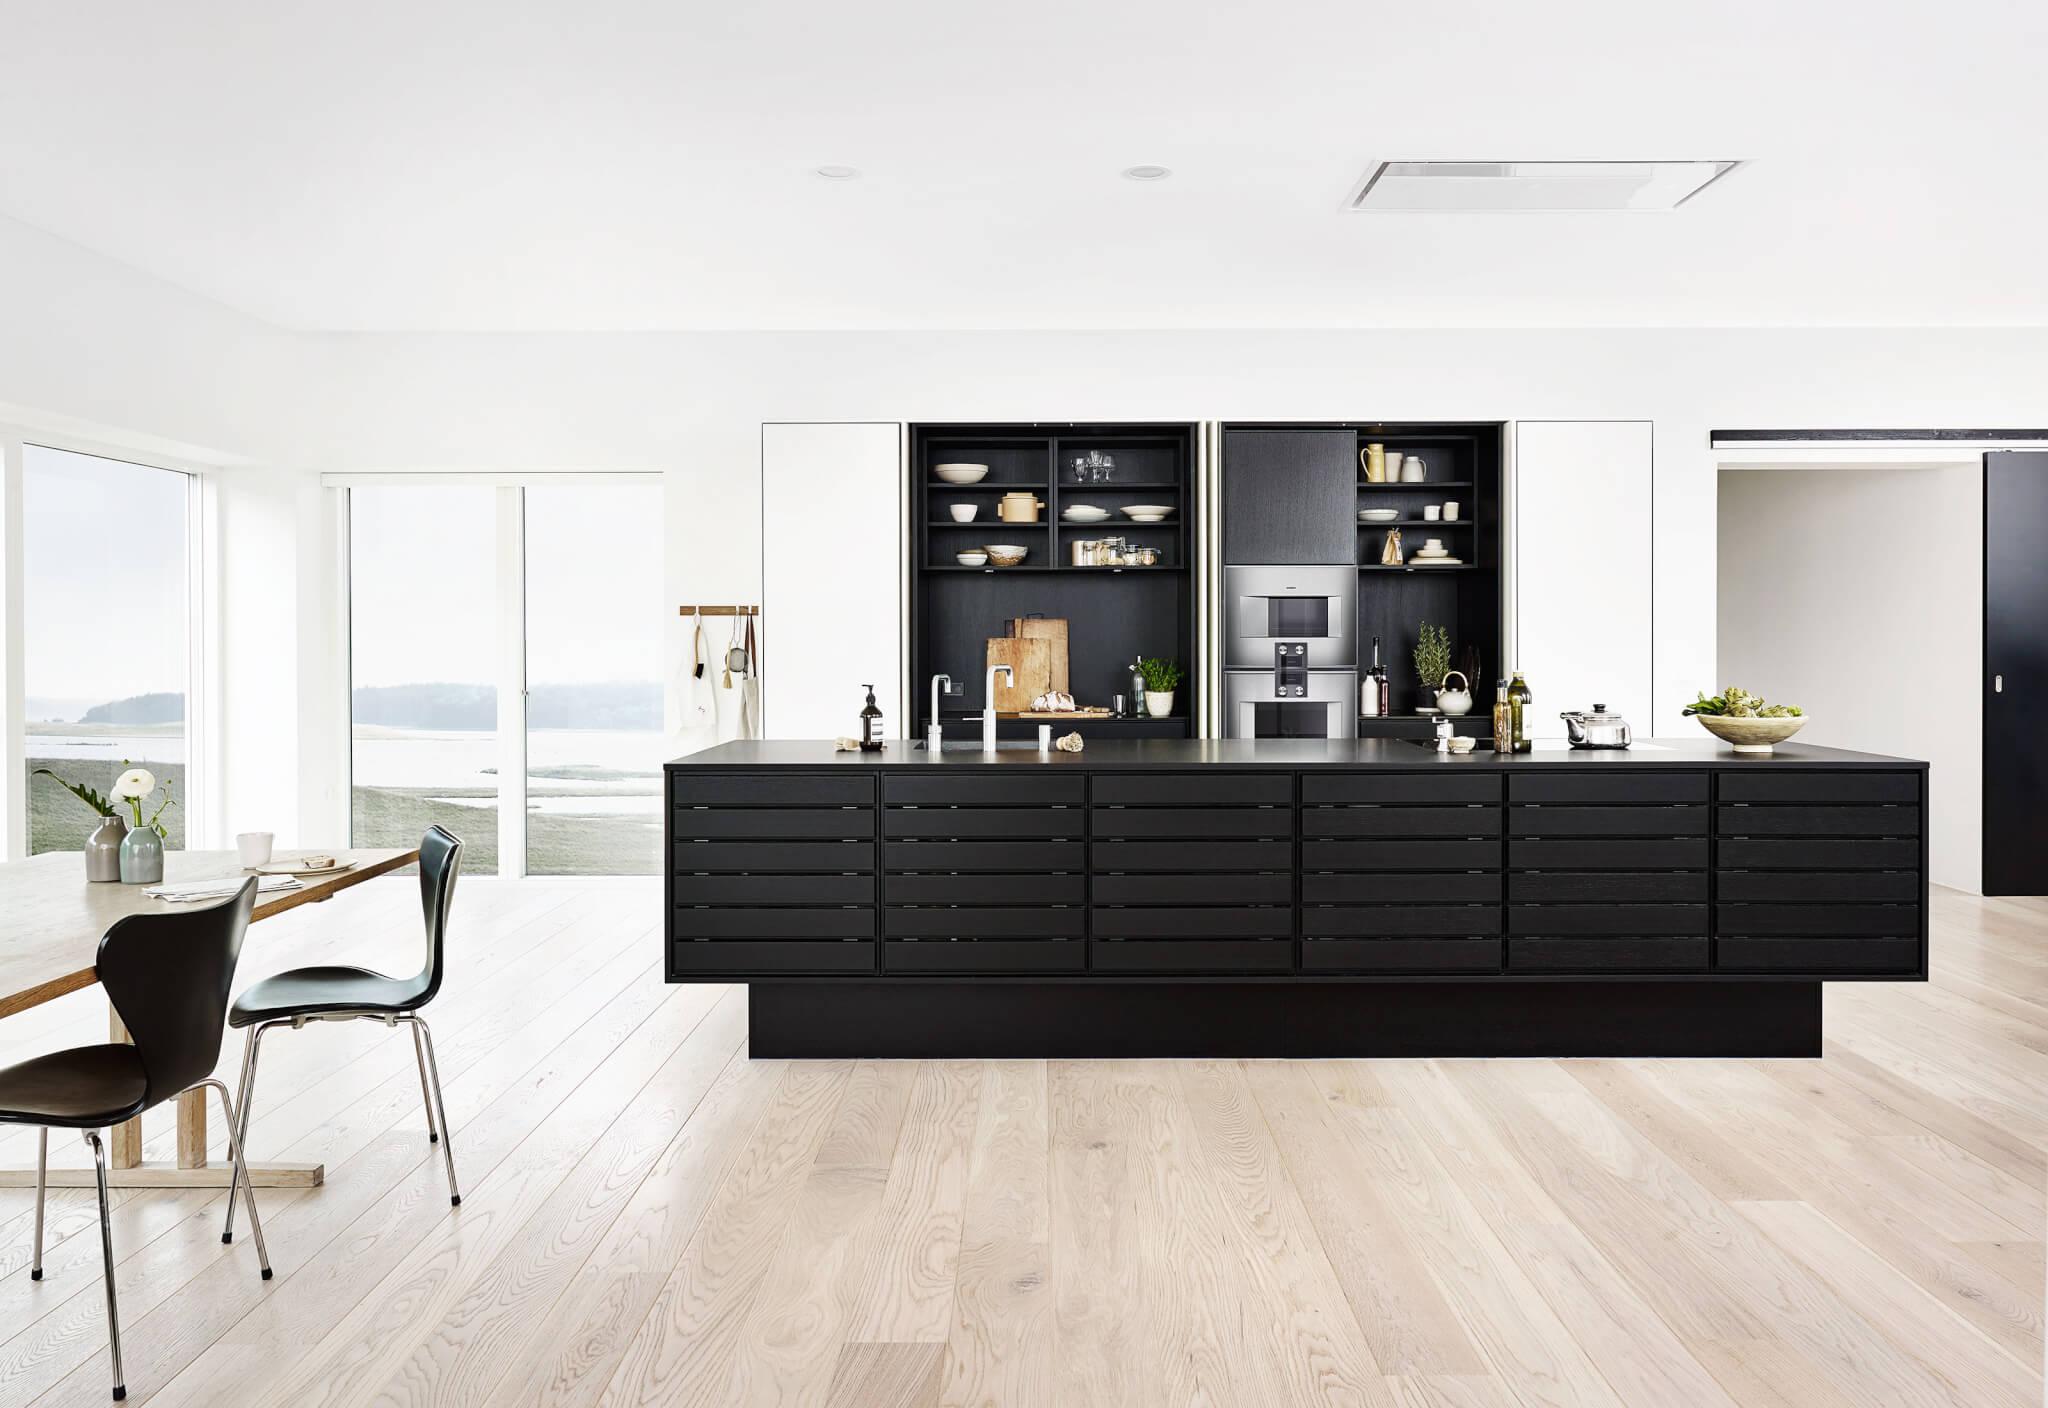 Kochinsel maße wie groß ist der ideale abstand zwischen küchenzeile und kücheninsel küchenfinder magazin